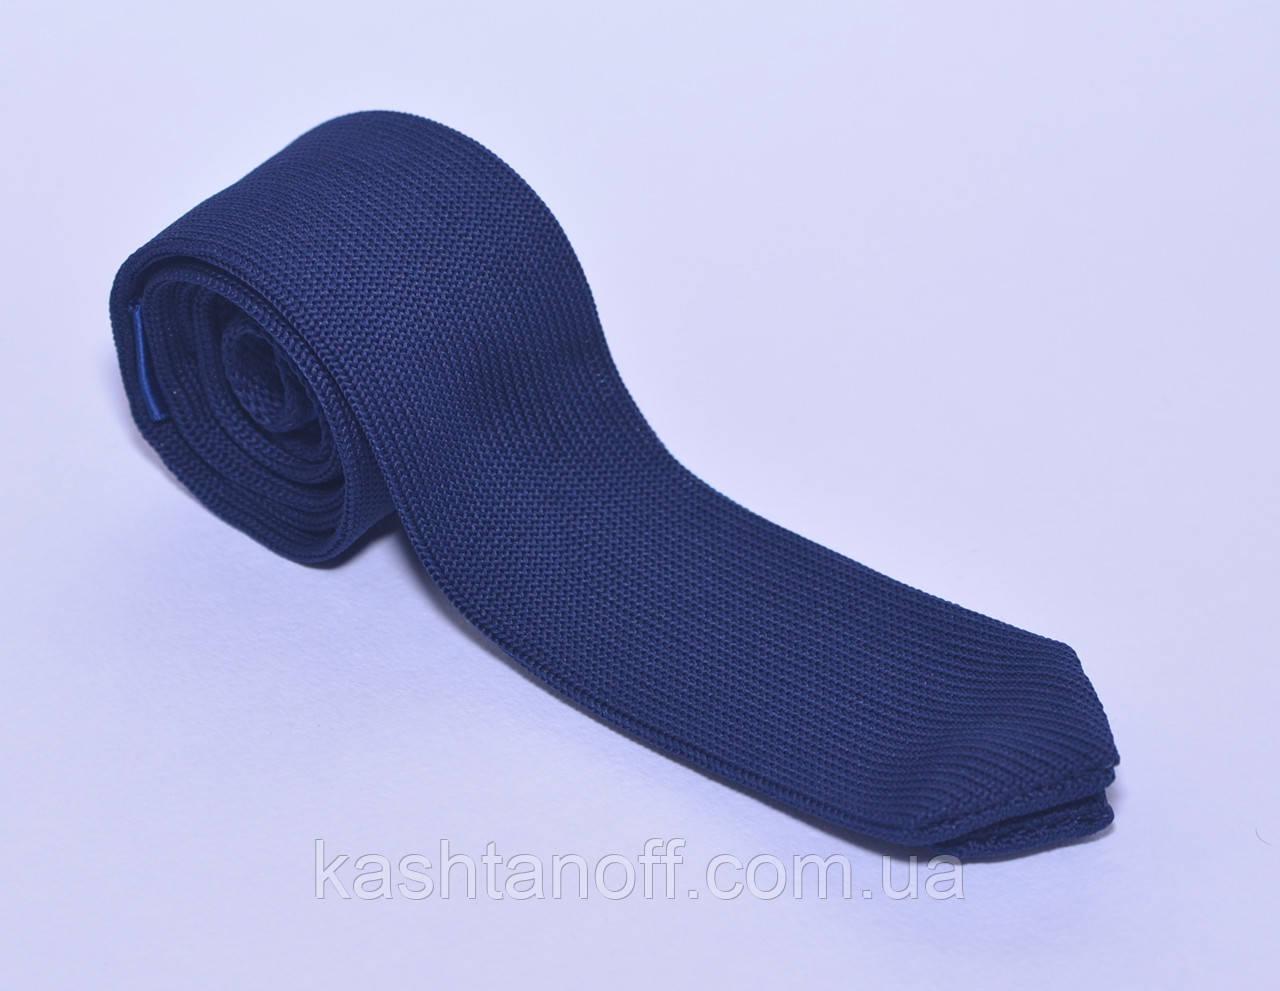 Синий вязанный галстук